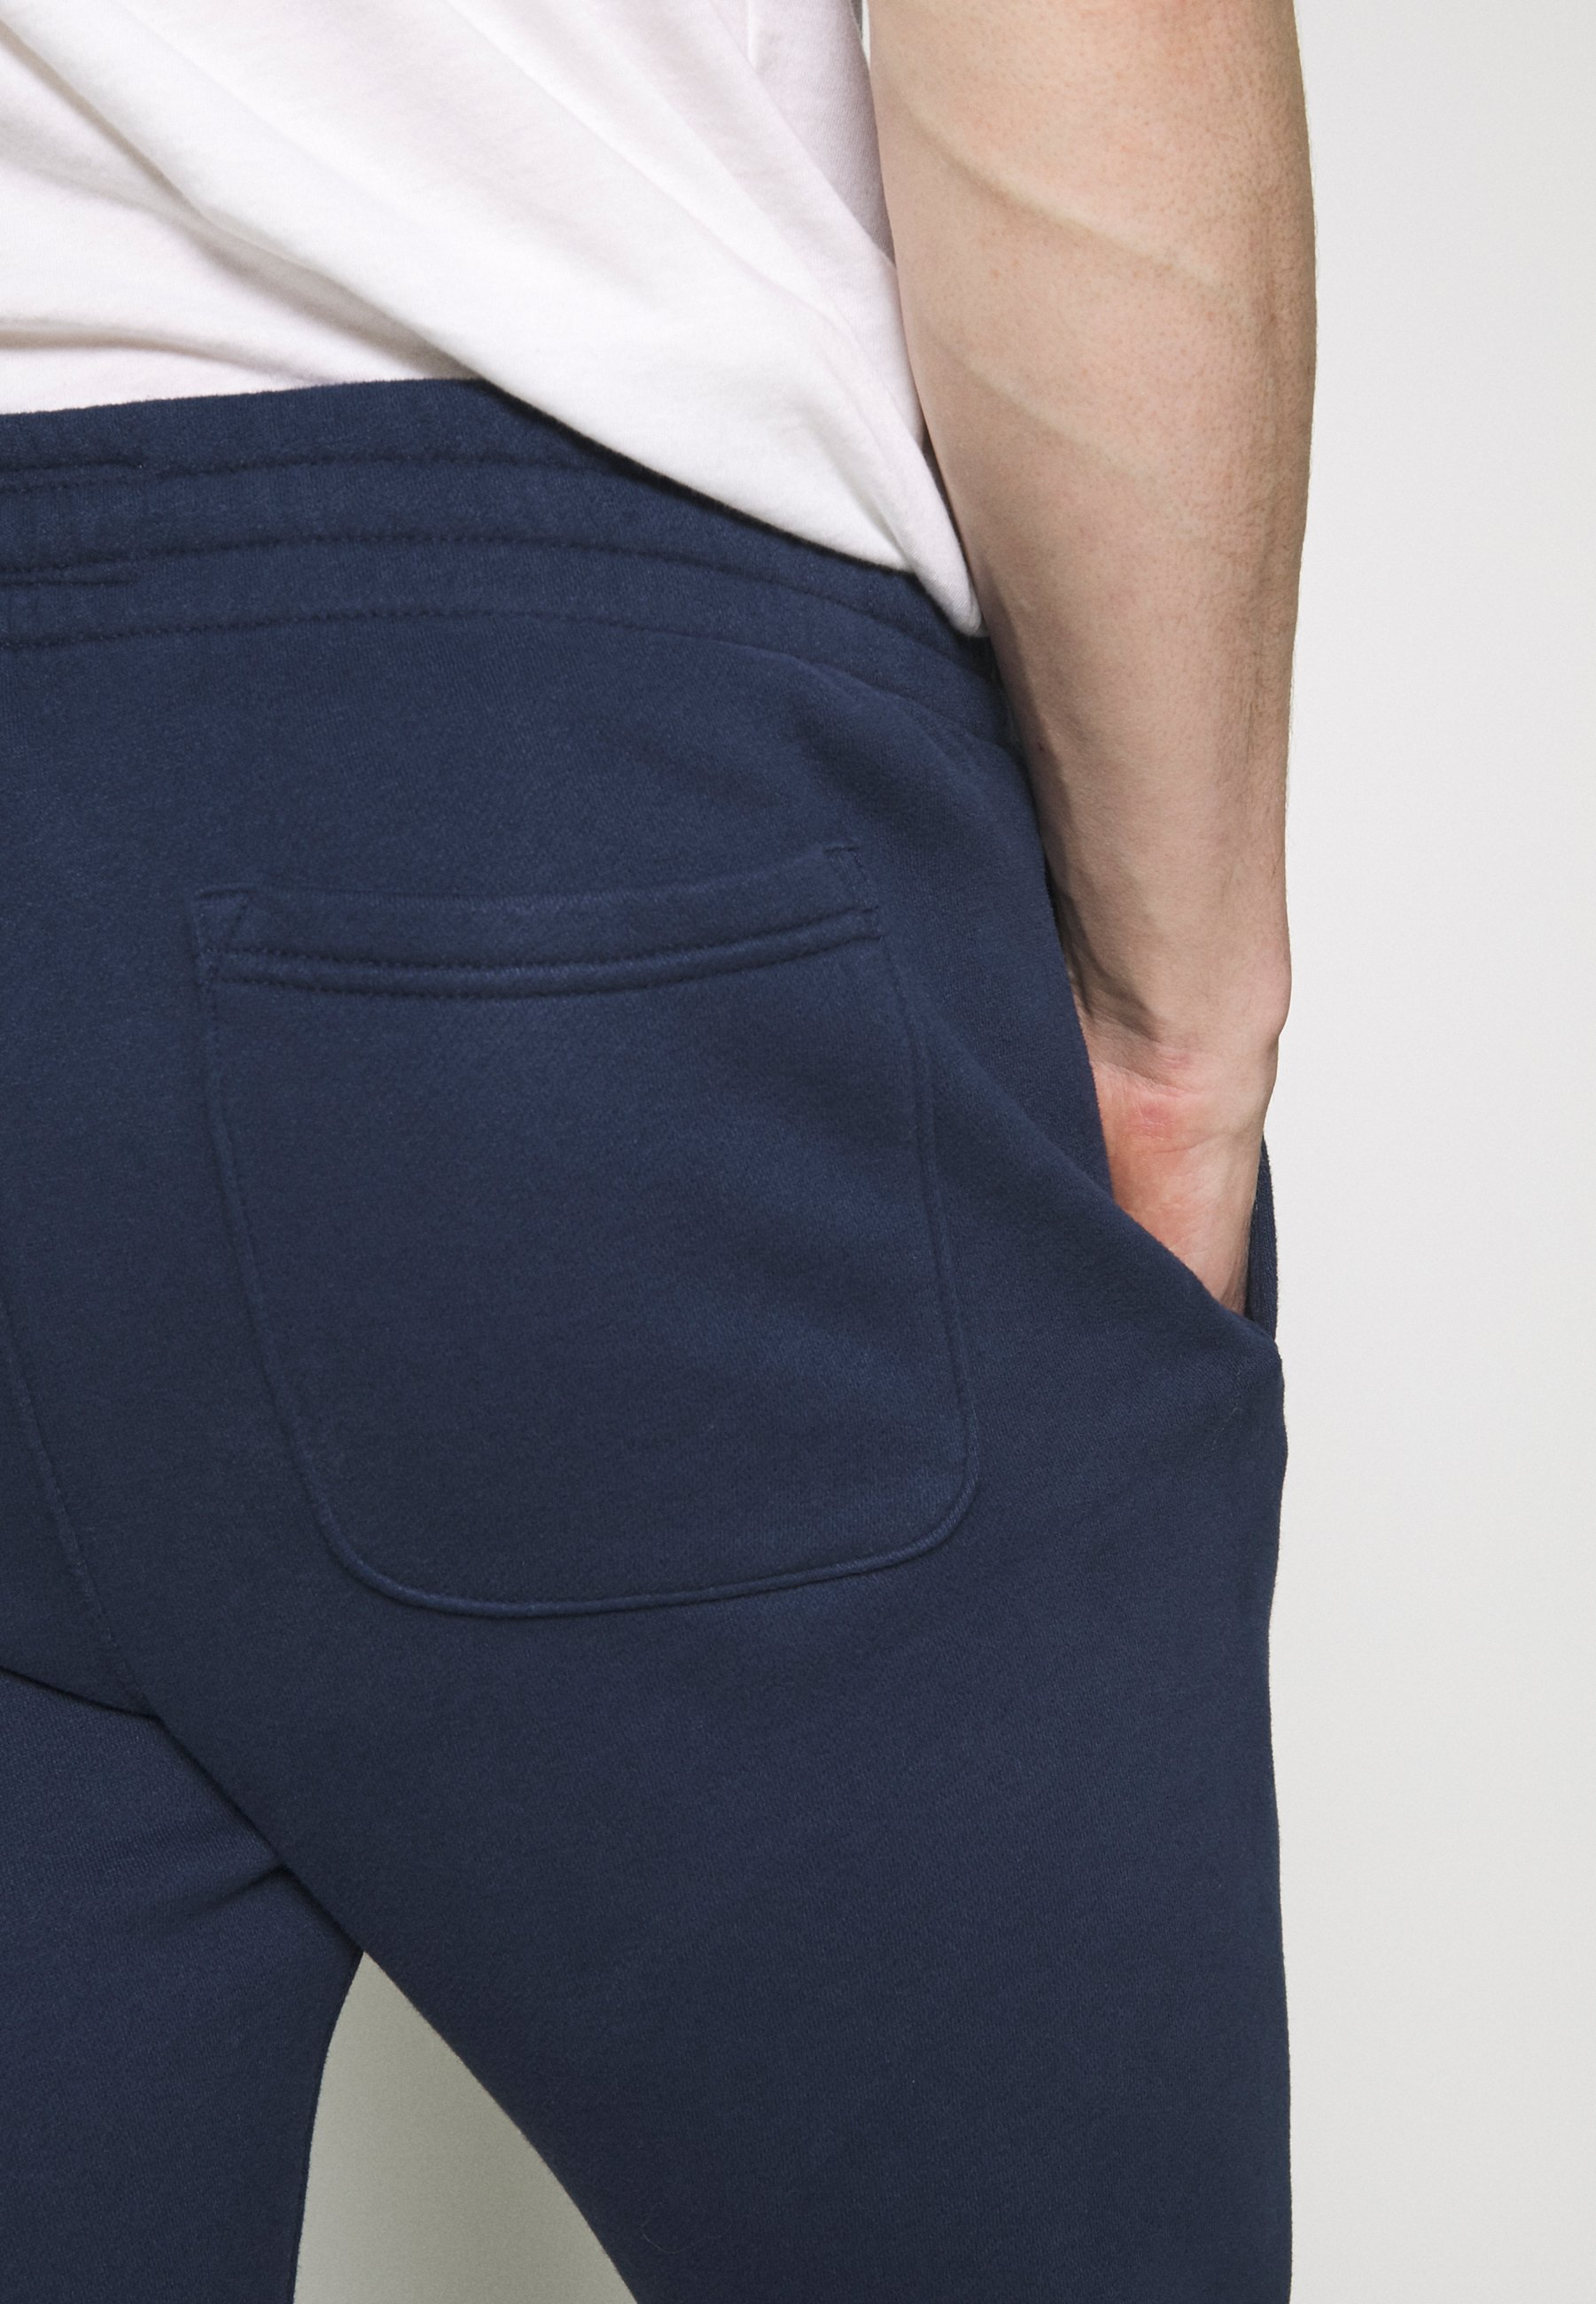 Abercrombie & Fitch Technique Logo - Pantaloni Sportivi Navy 3CCCvEm